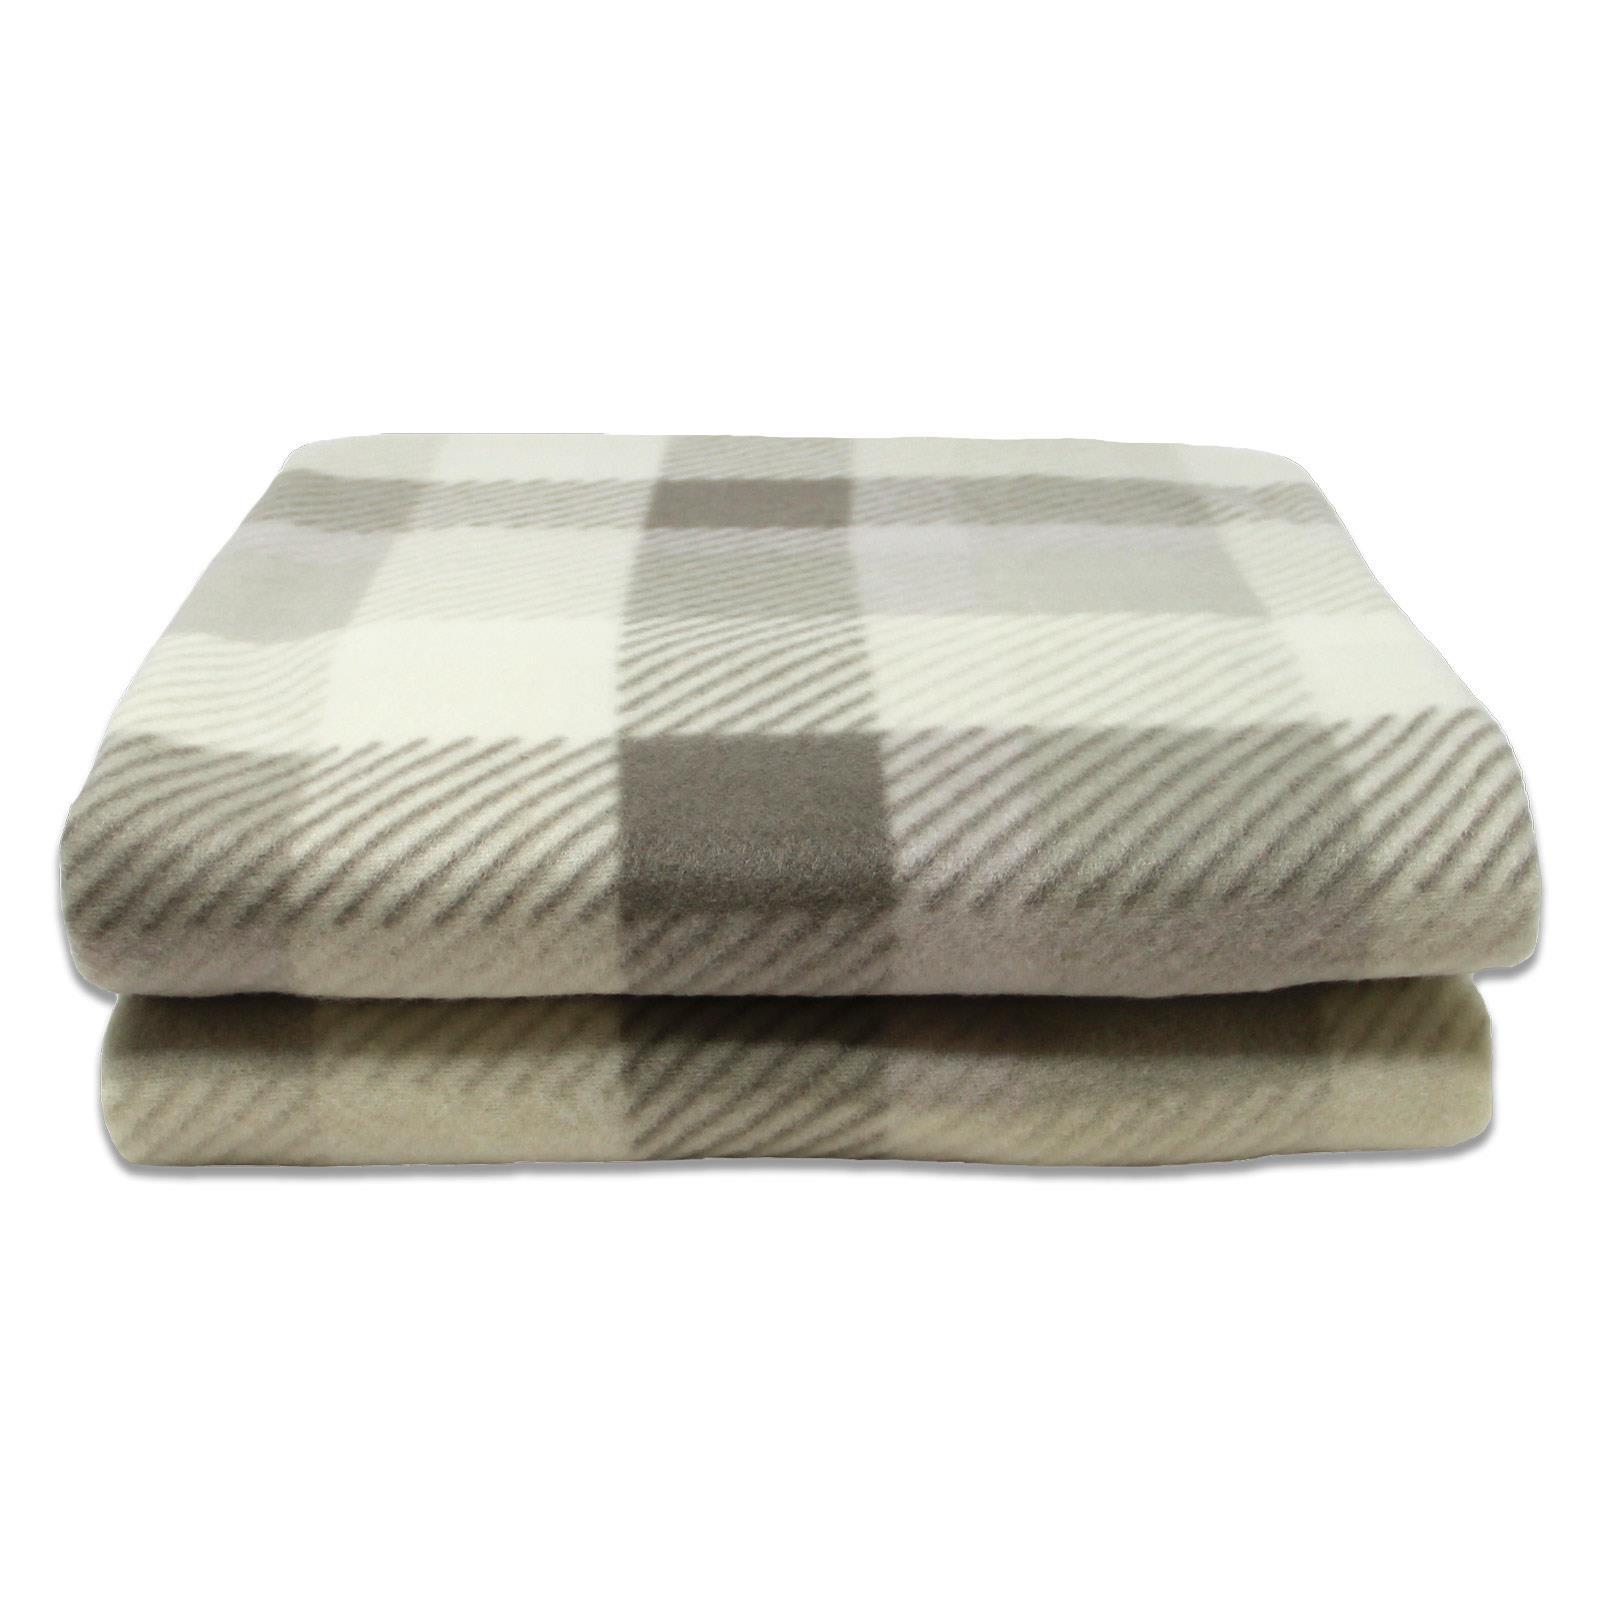 Sofa-de-verificacion-de-tartan-polar-mantas-polar-silla-acogedor-lanza-Manta-127cm-X-152cm miniatura 21